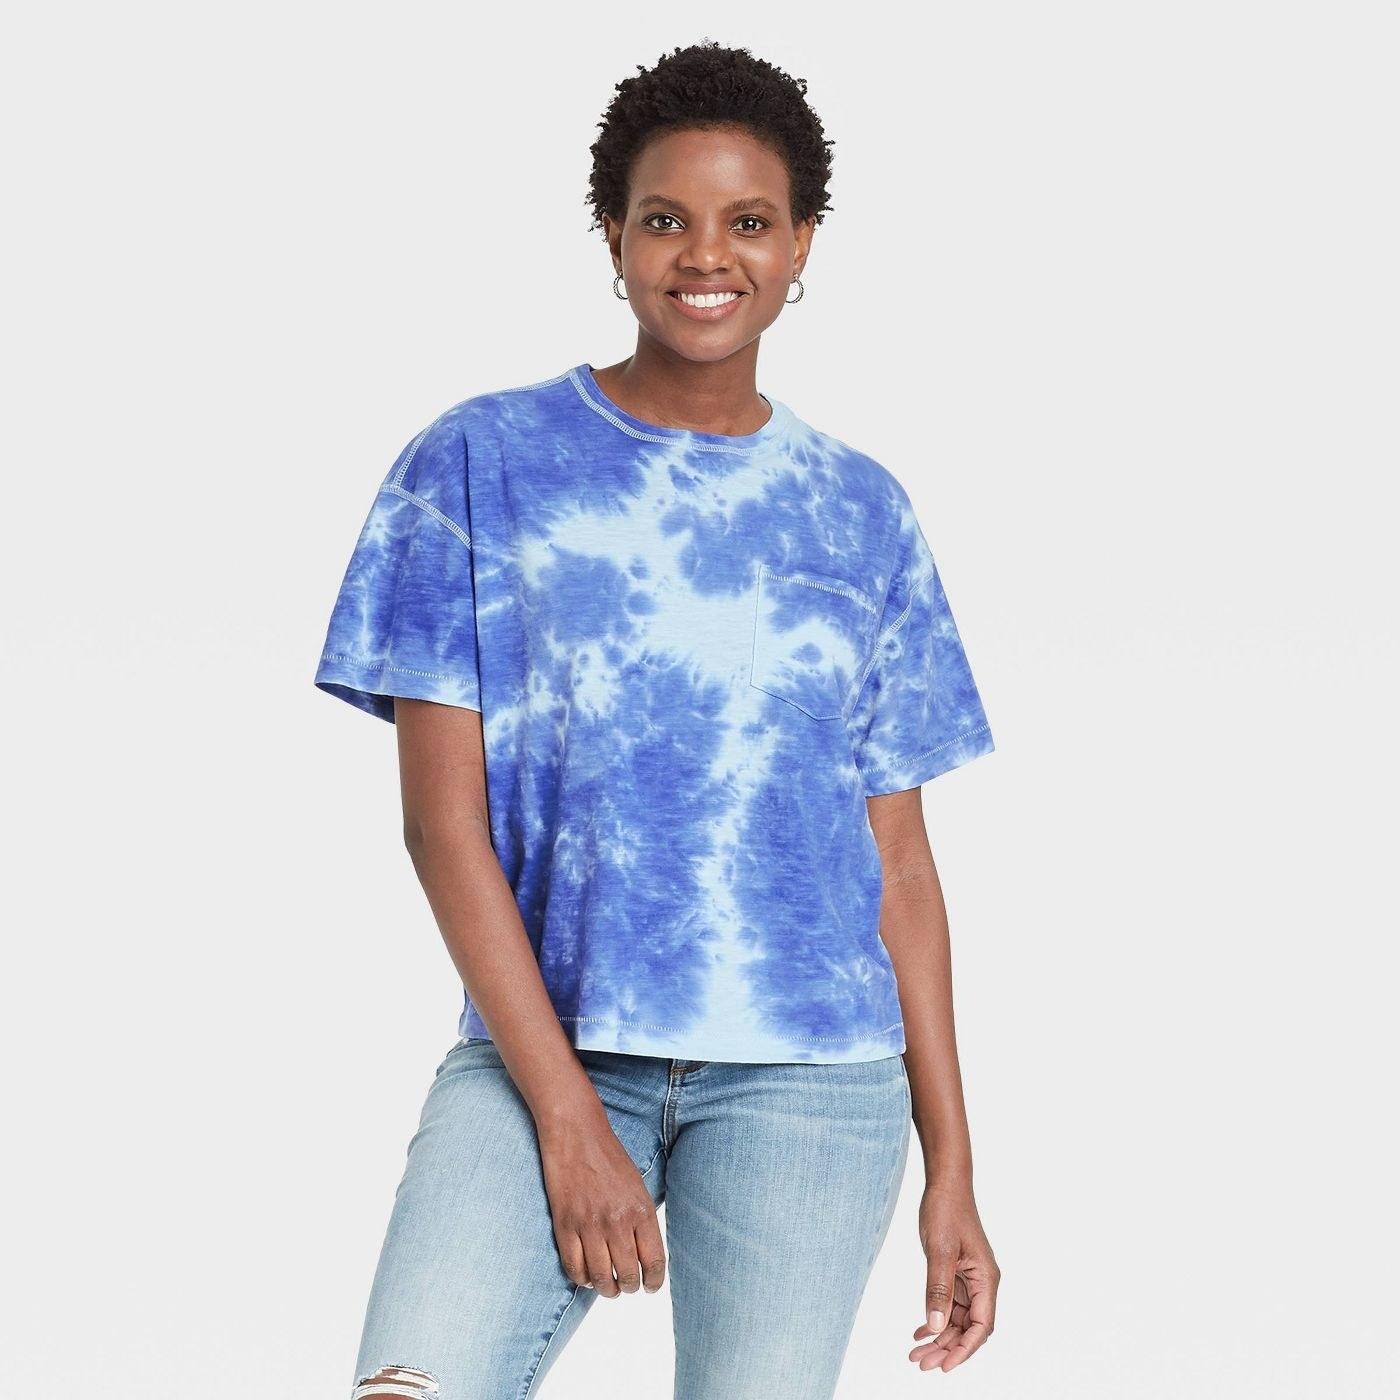 Model in boxy tshirt